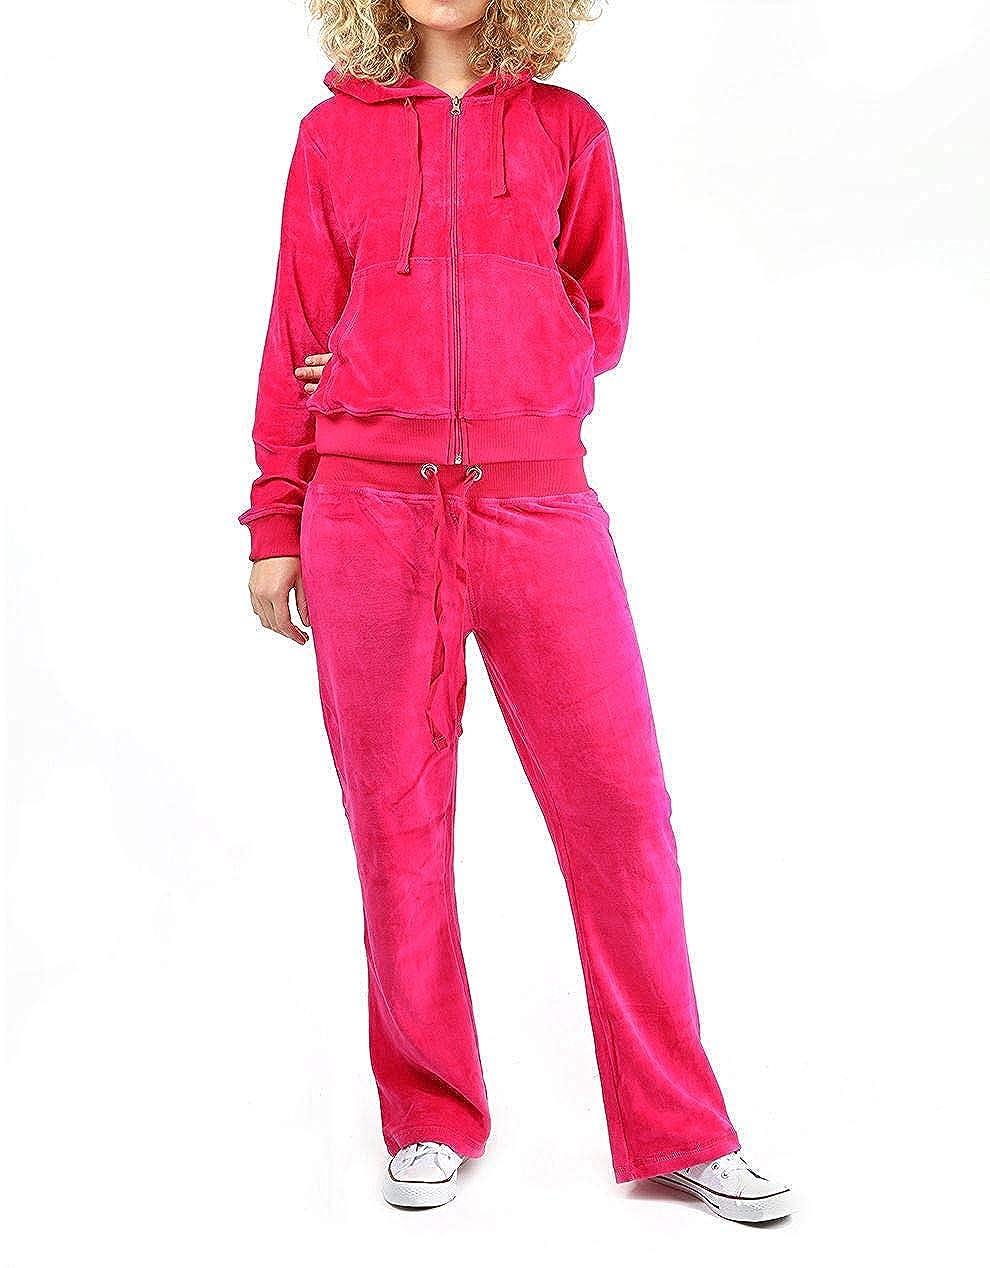 Girls Velour Velvet Like Zip Through Hoody Tracksuits Lounge Jogger Sleepwear Se